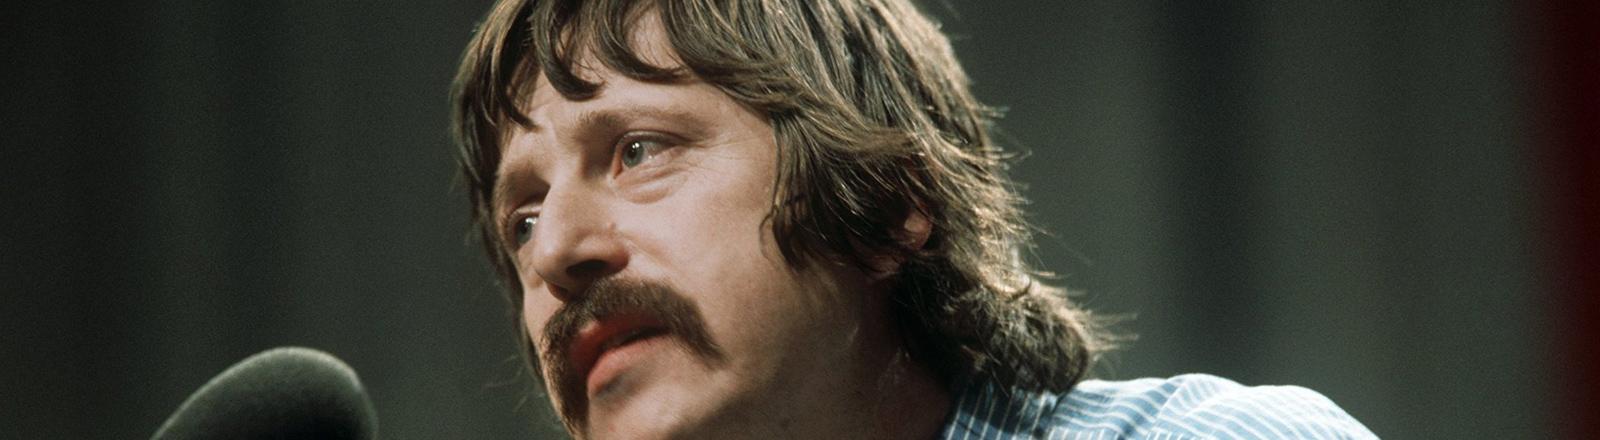 Der Ostberliner Liedermacher Wolf Biermann gibt am 13.11.1976 in der fast ausverkauften Kölner Sporthalle sein erstes Konzert auf einer bundesdeutschen Bühne seit Ostern 1965.